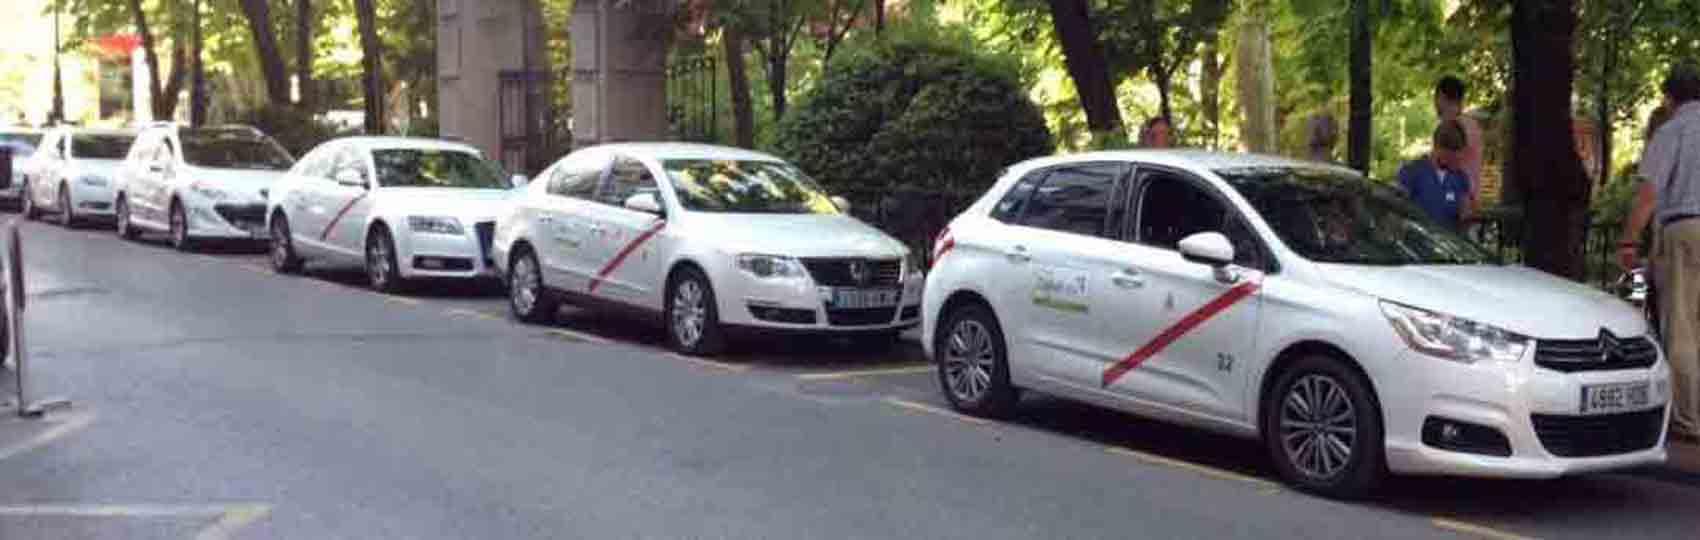 Noticias del sector del taxi y la movilidad en Cuenca. Mantente informado de todas las noticias del taxi de Cuenca en el grupo de Facebook de Todo Taxi.